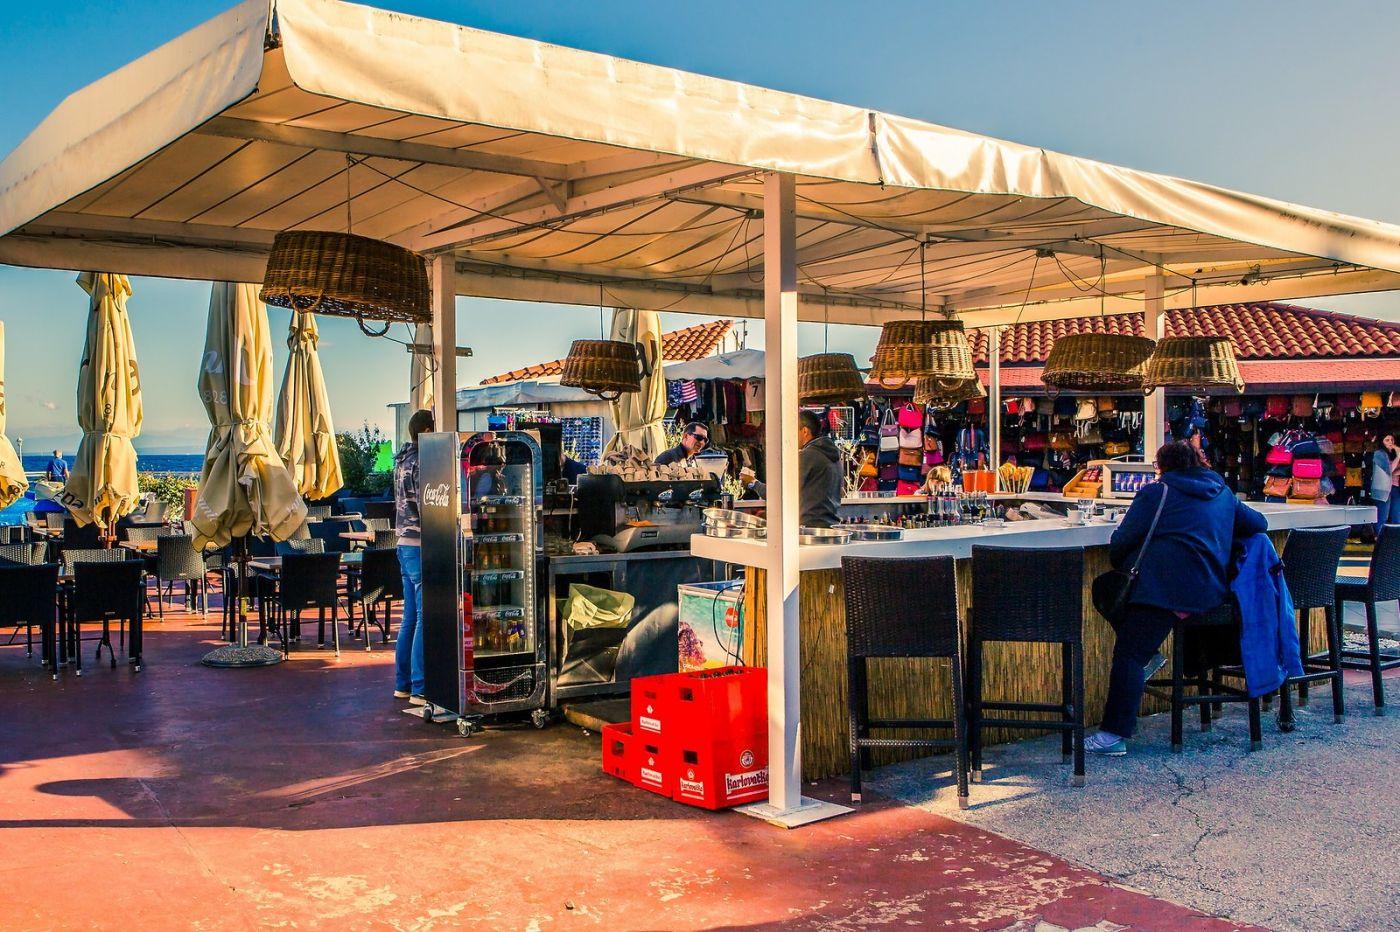 克罗地亚奥帕蒂亚(Opatija),洒满阳光的海滨城市_图1-8